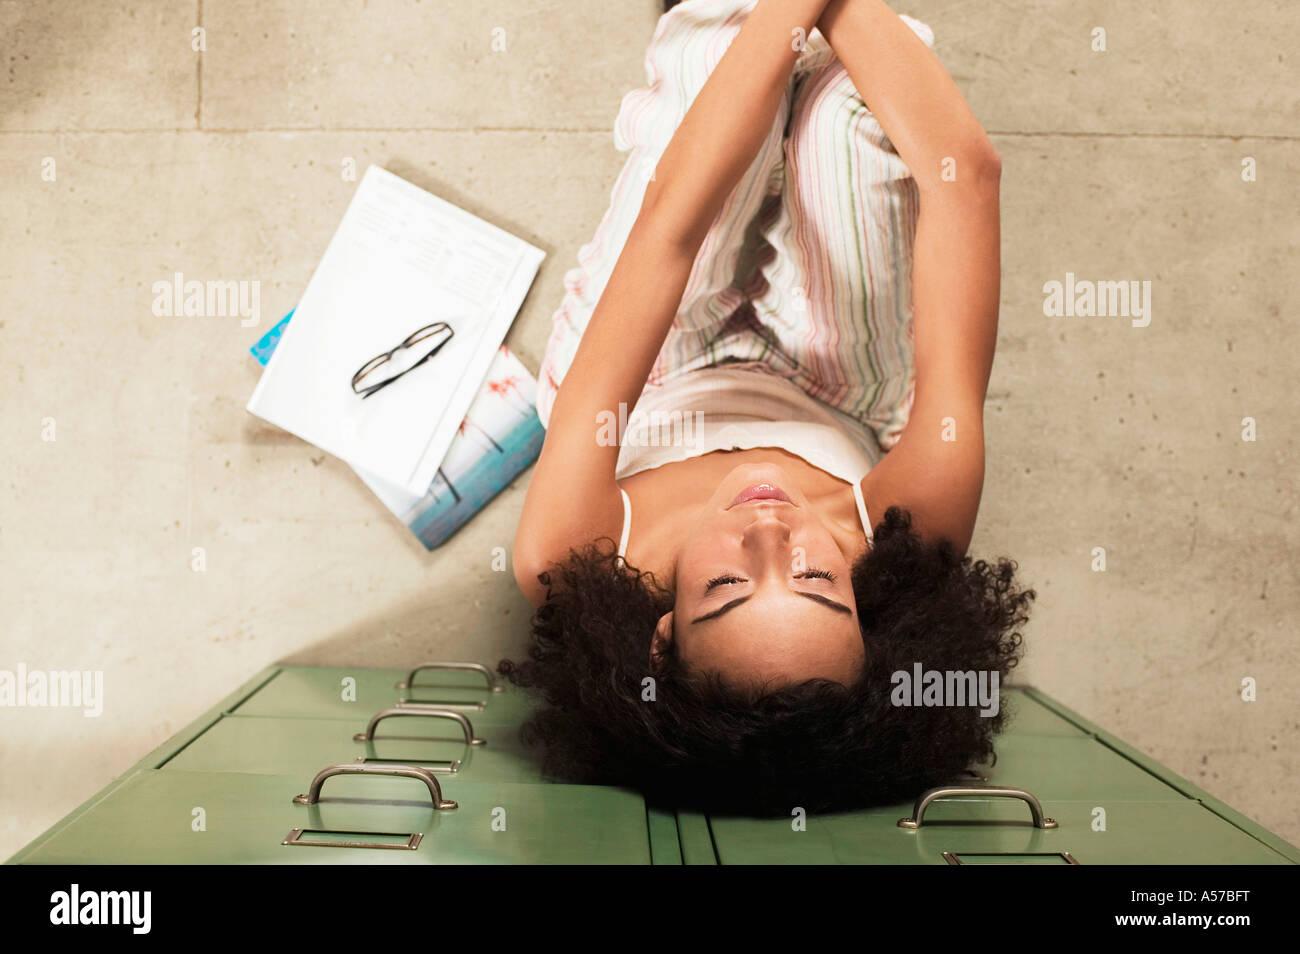 Giovane donna seduta sul pavimento a occhi chiusi, vista in elevazione Immagini Stock